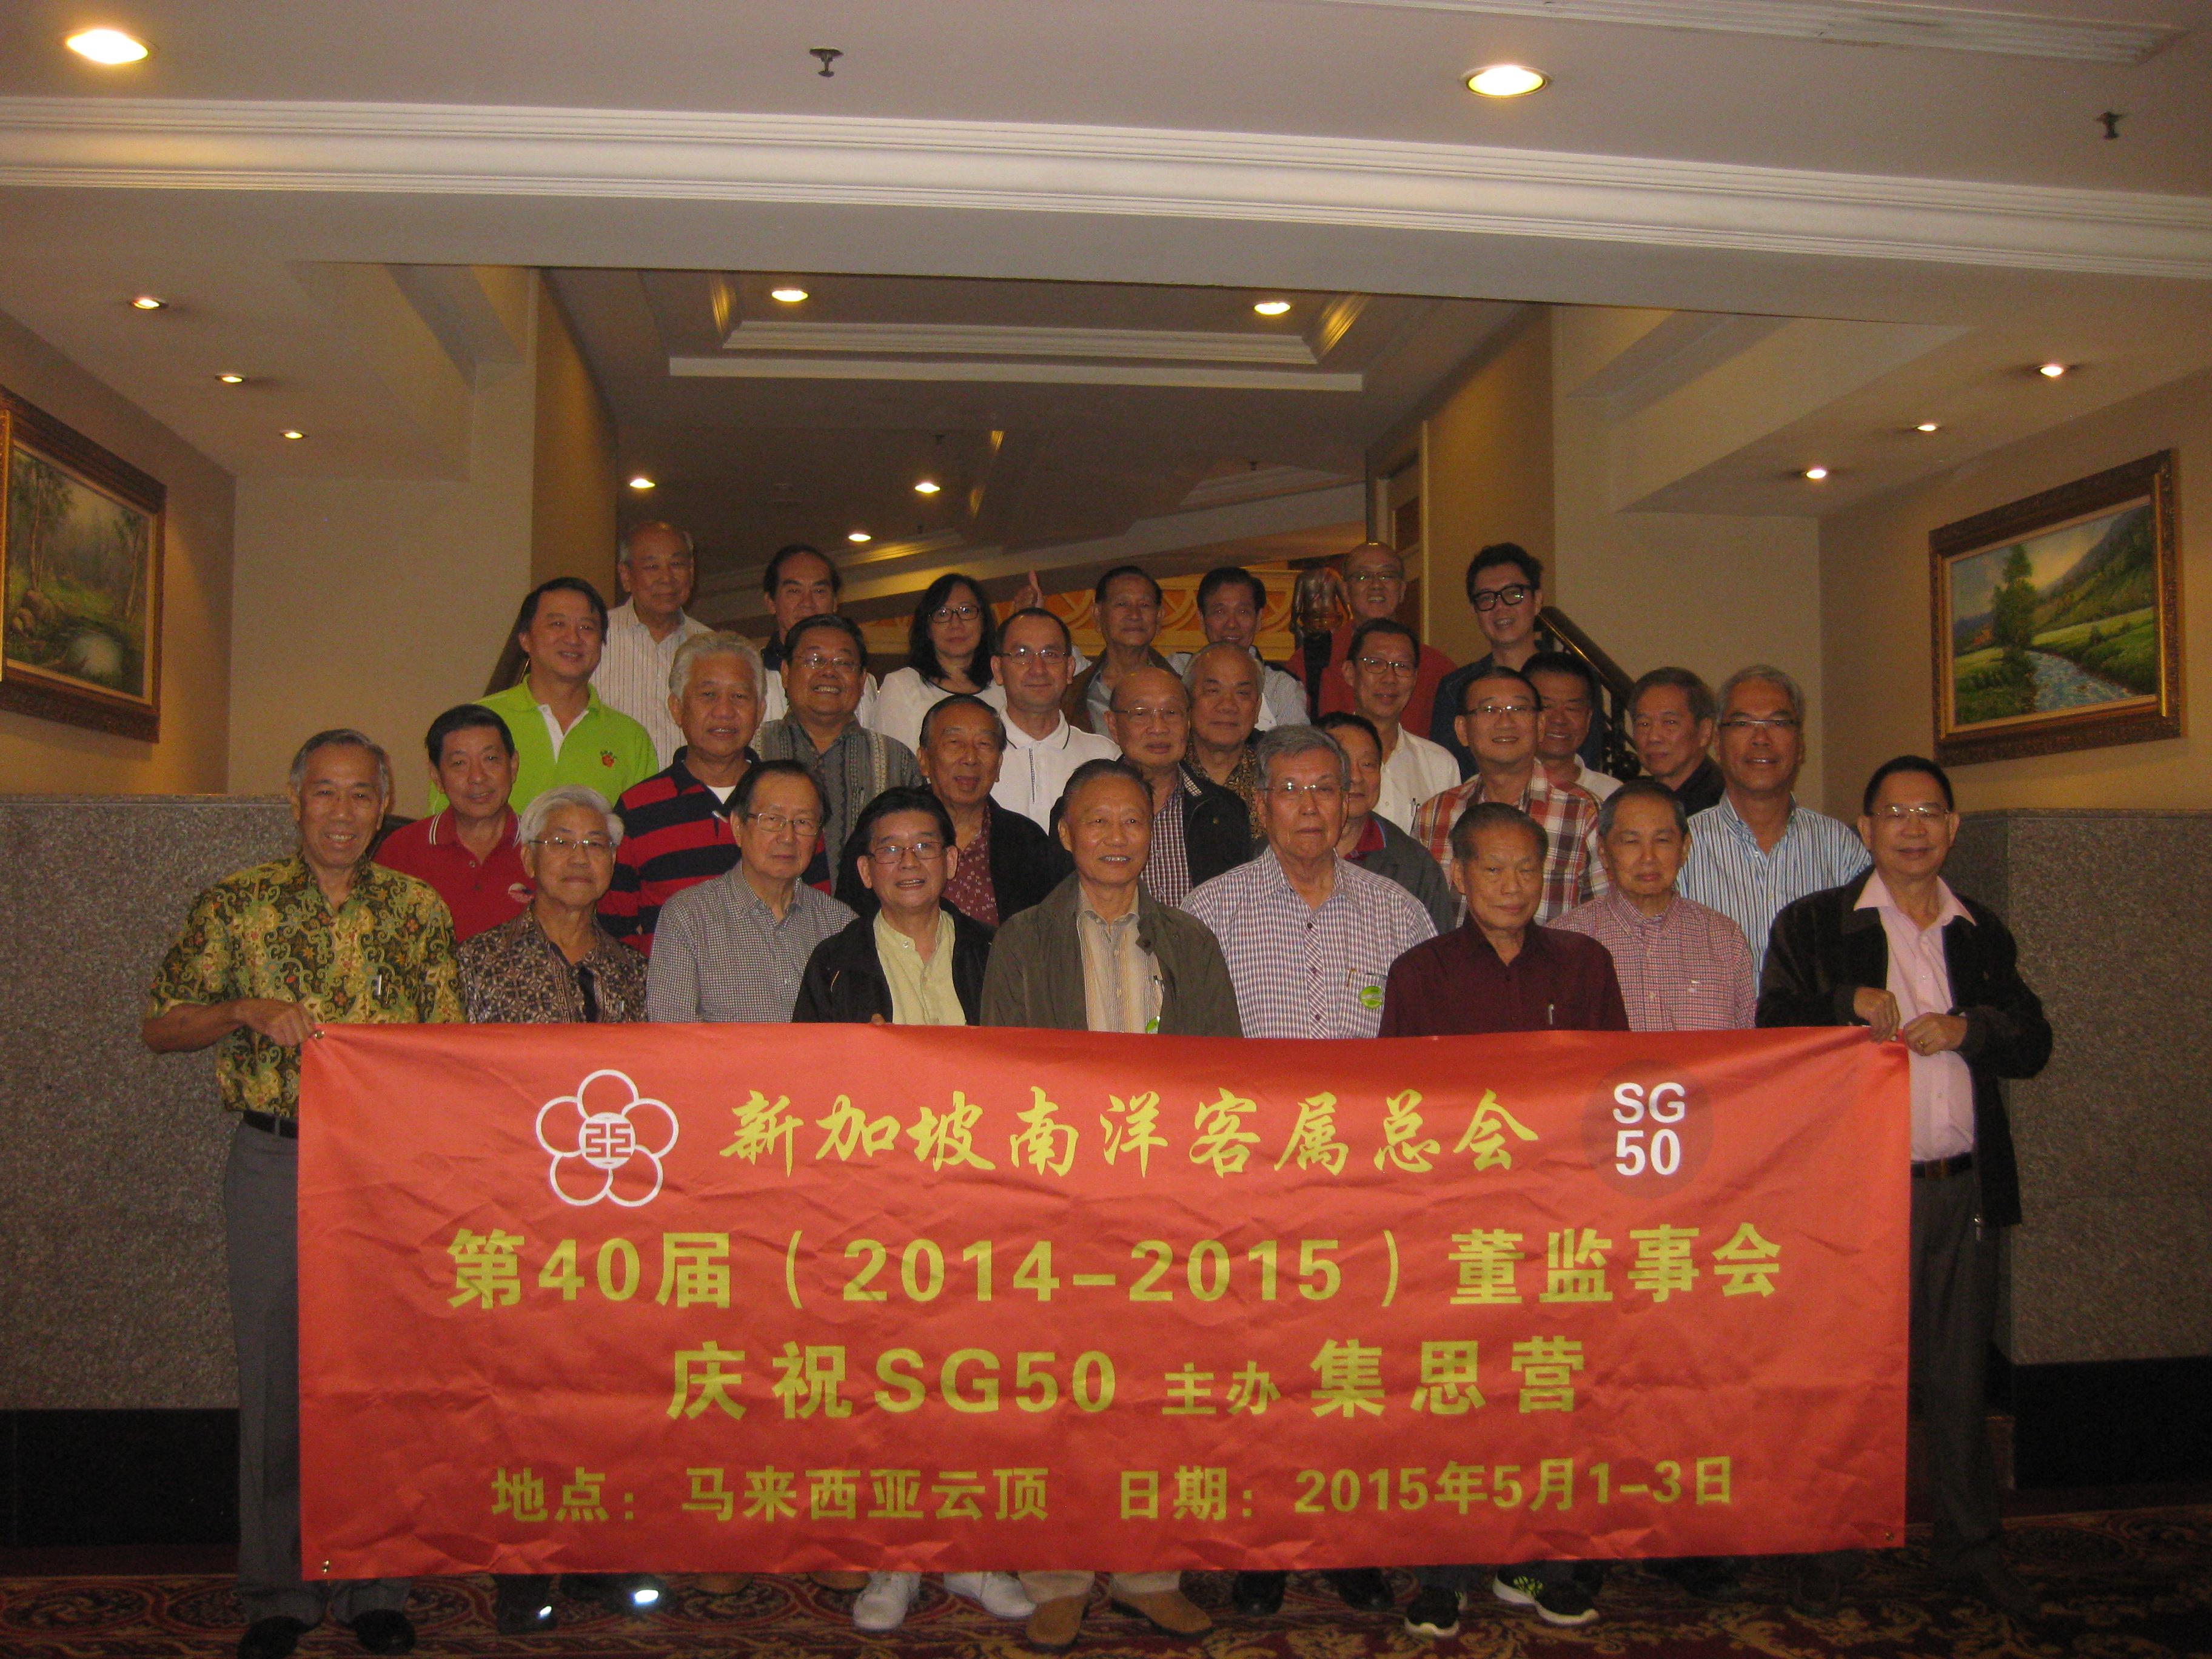 客属总会配合庆祝我国五十周年SG50纪念首次举办户外董监事集思营活动